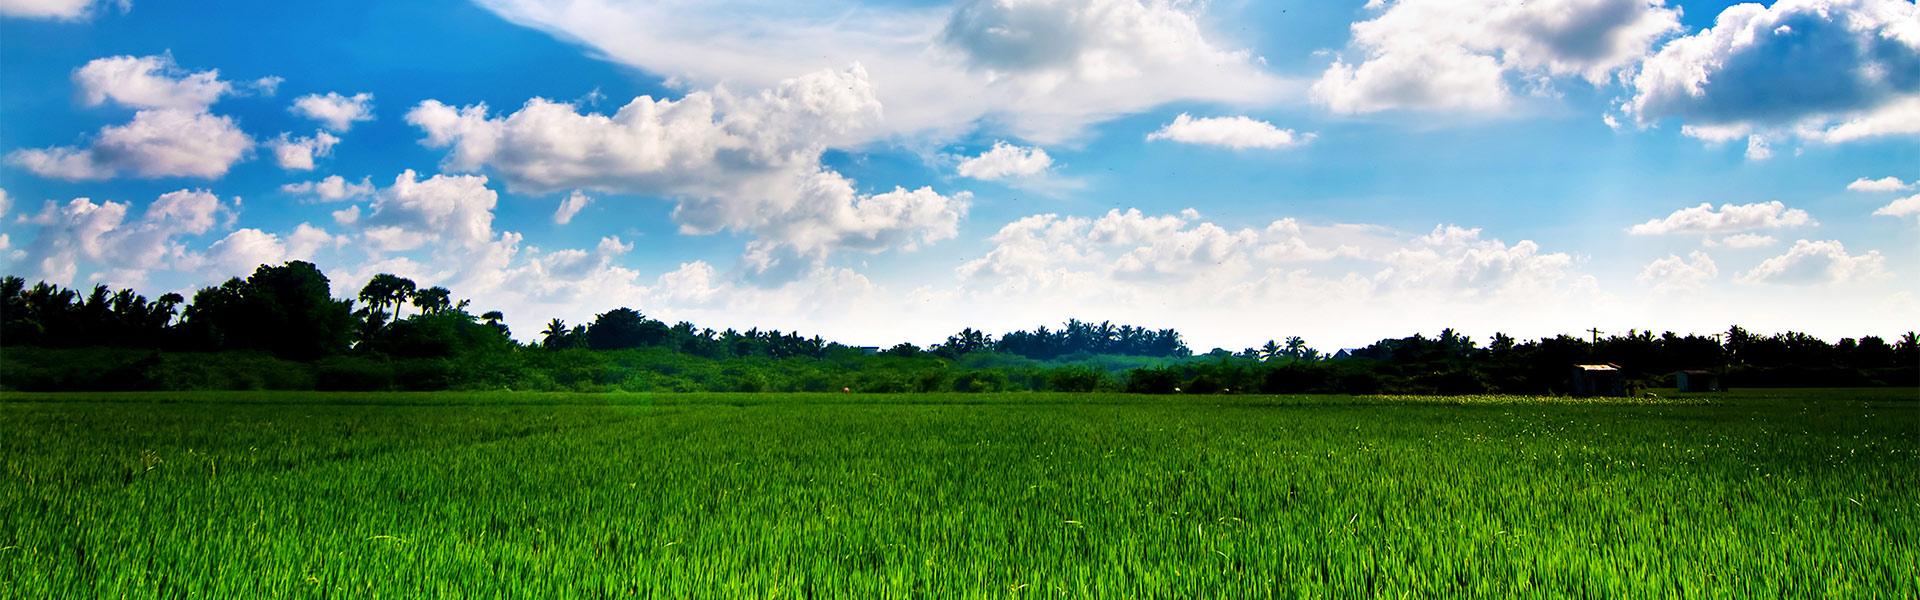 Riso-jolanda-Produzione-vendita-riso-carnaroli-arborio-vialone-integrale-farina-di-riso-semola-di-riso